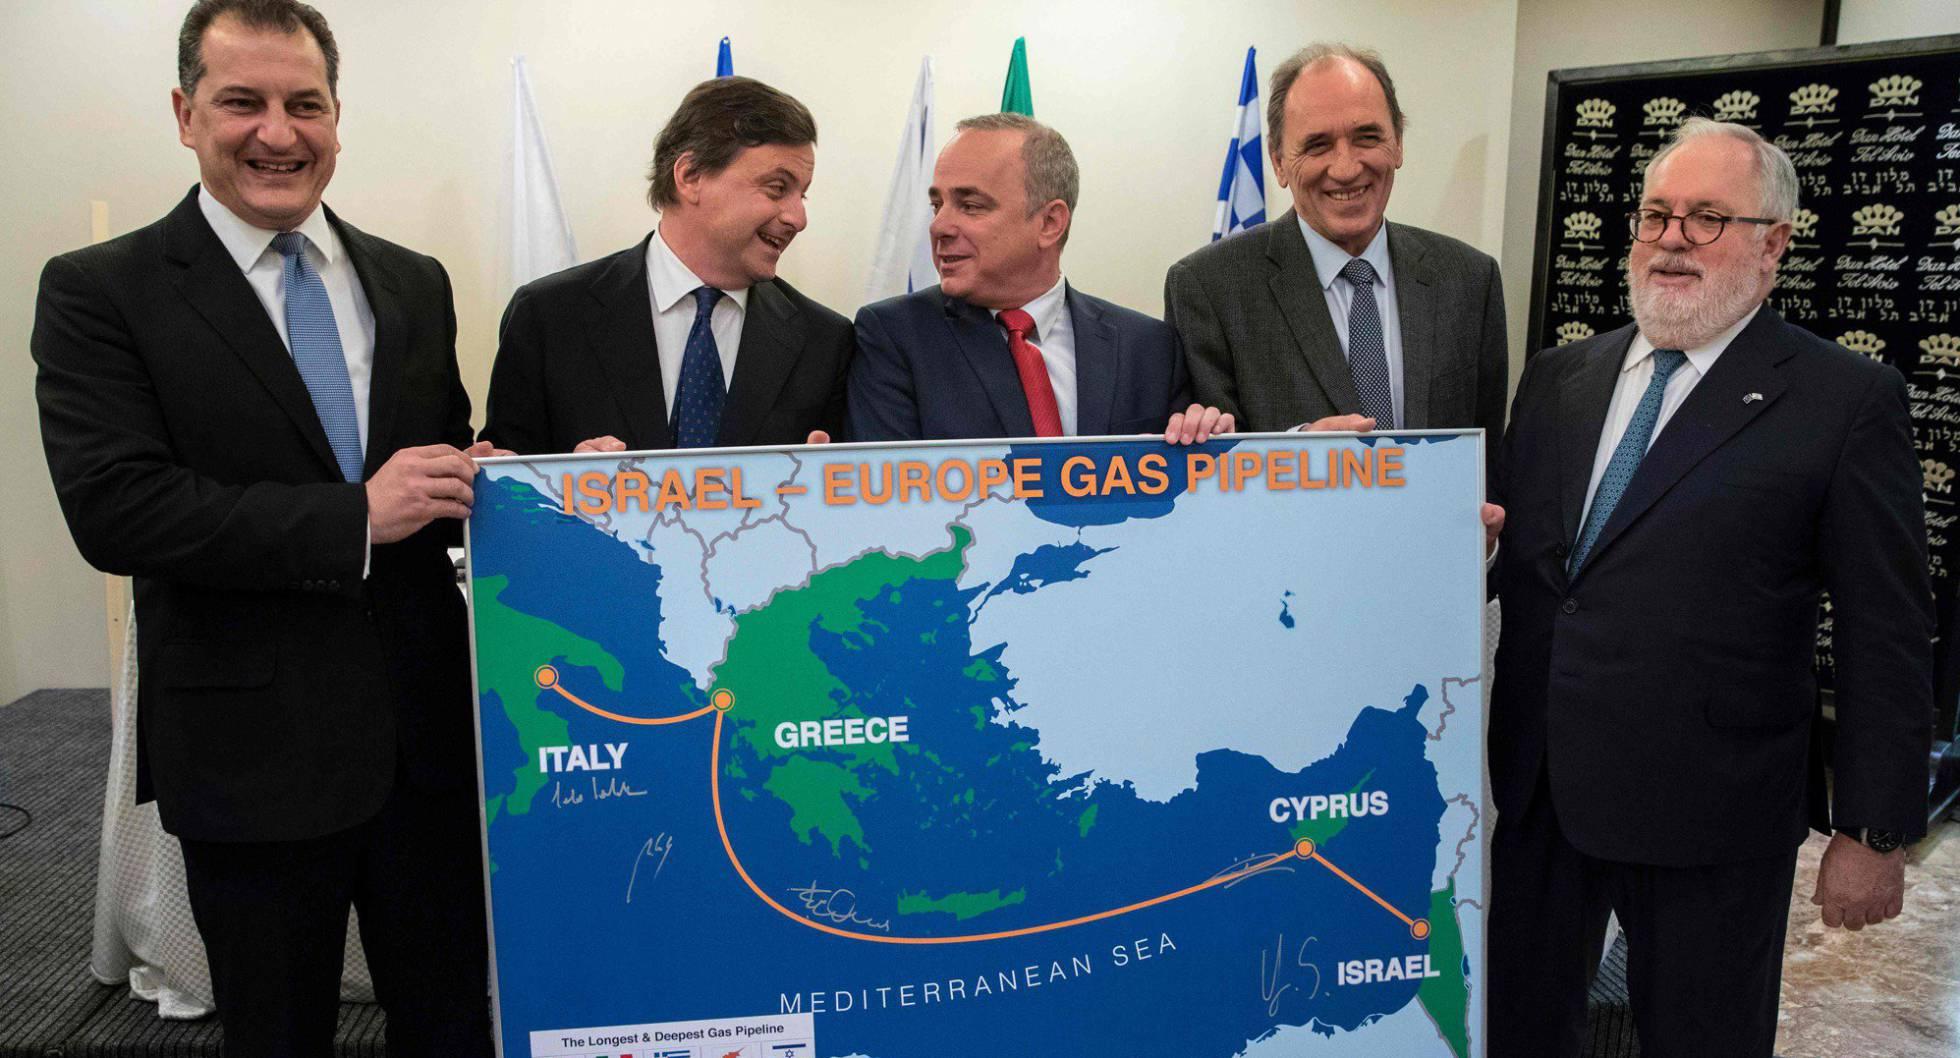 nacional - Dependencia Europea del gas Ruso en conflicto por su paso por Ucrania - Página 2 1491247630_466112_1491248530_noticia_normal_recorte1